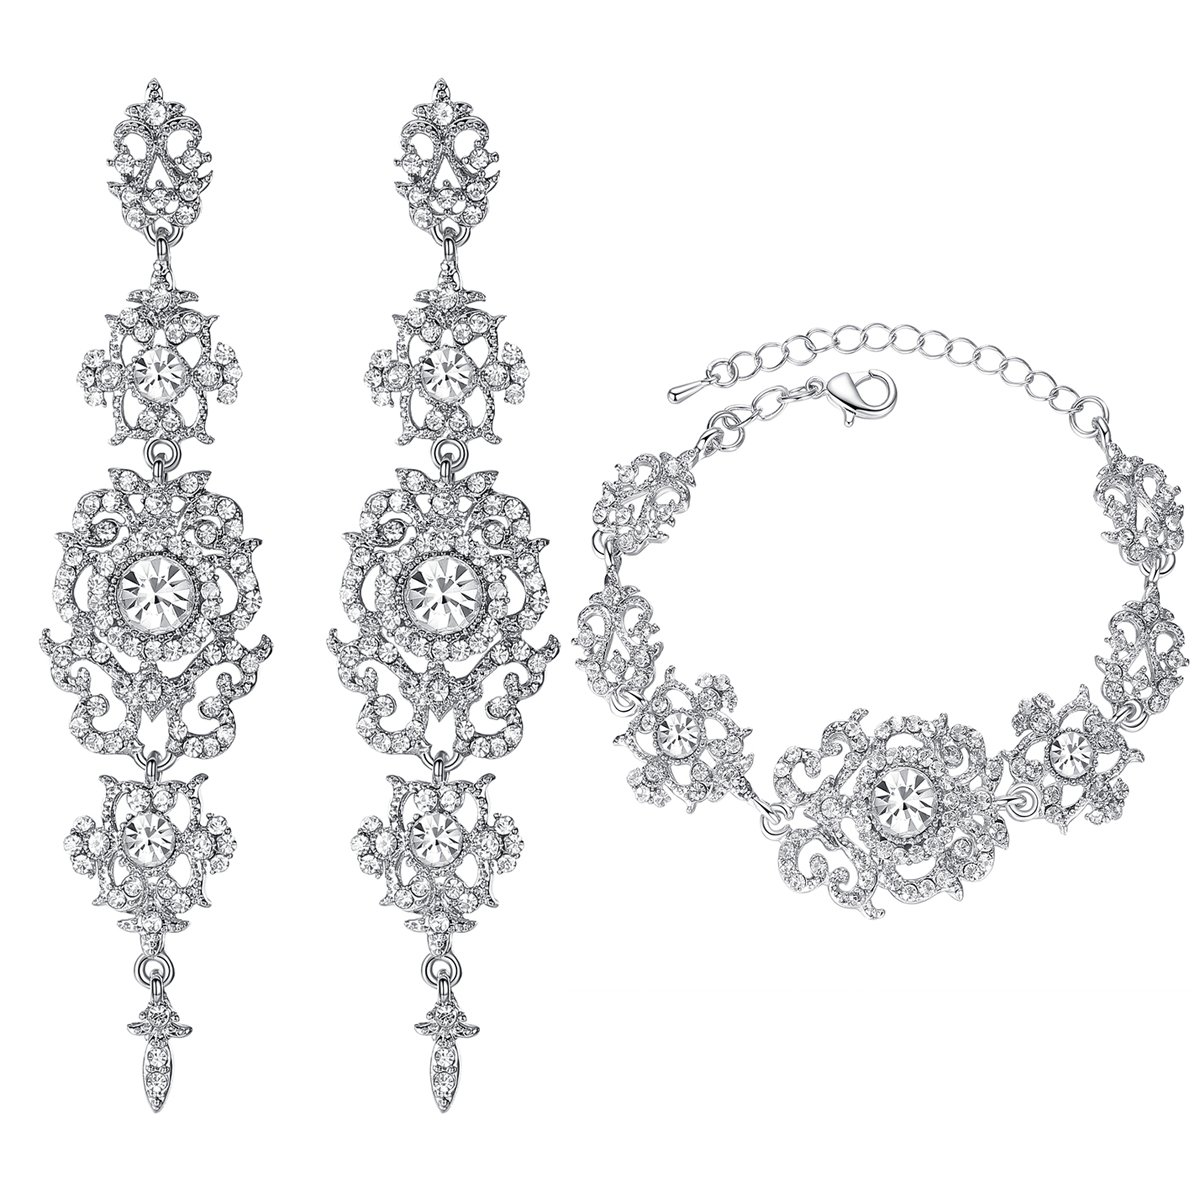 mecresh Argent mariée Longues Boucles d'oreilles et Bracelet de Tennis en Cristal autrichien parures EH182+SL031-clear